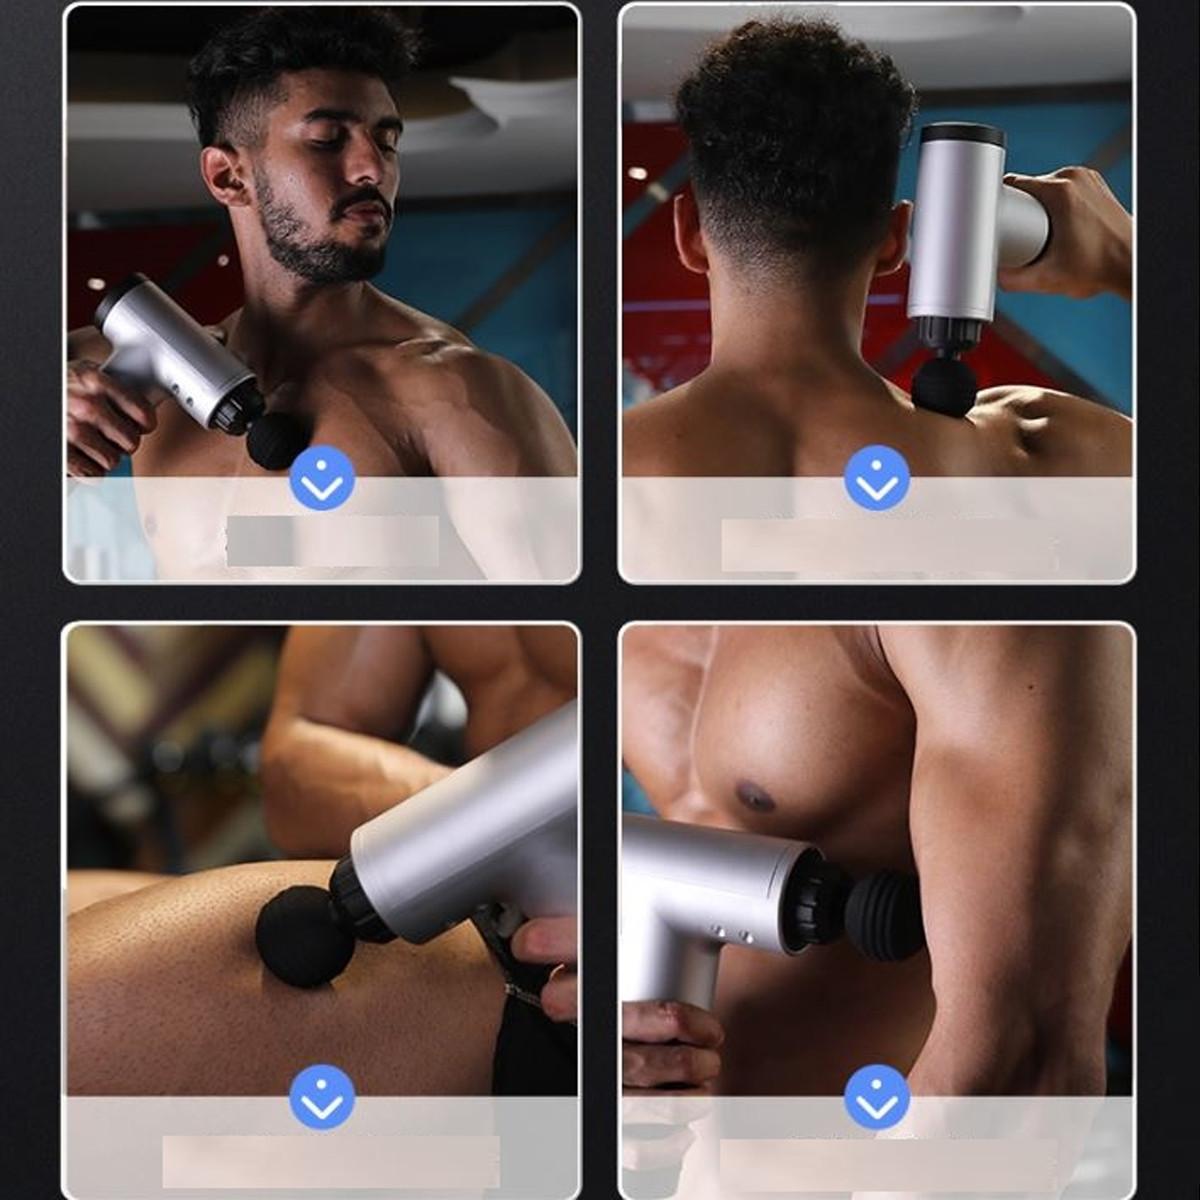 Máy Massage Cầm Tay Phục Hồi Thể Lực Chính Hãng miDoctor - Súng Massage Cầm Tay Fascial Gun